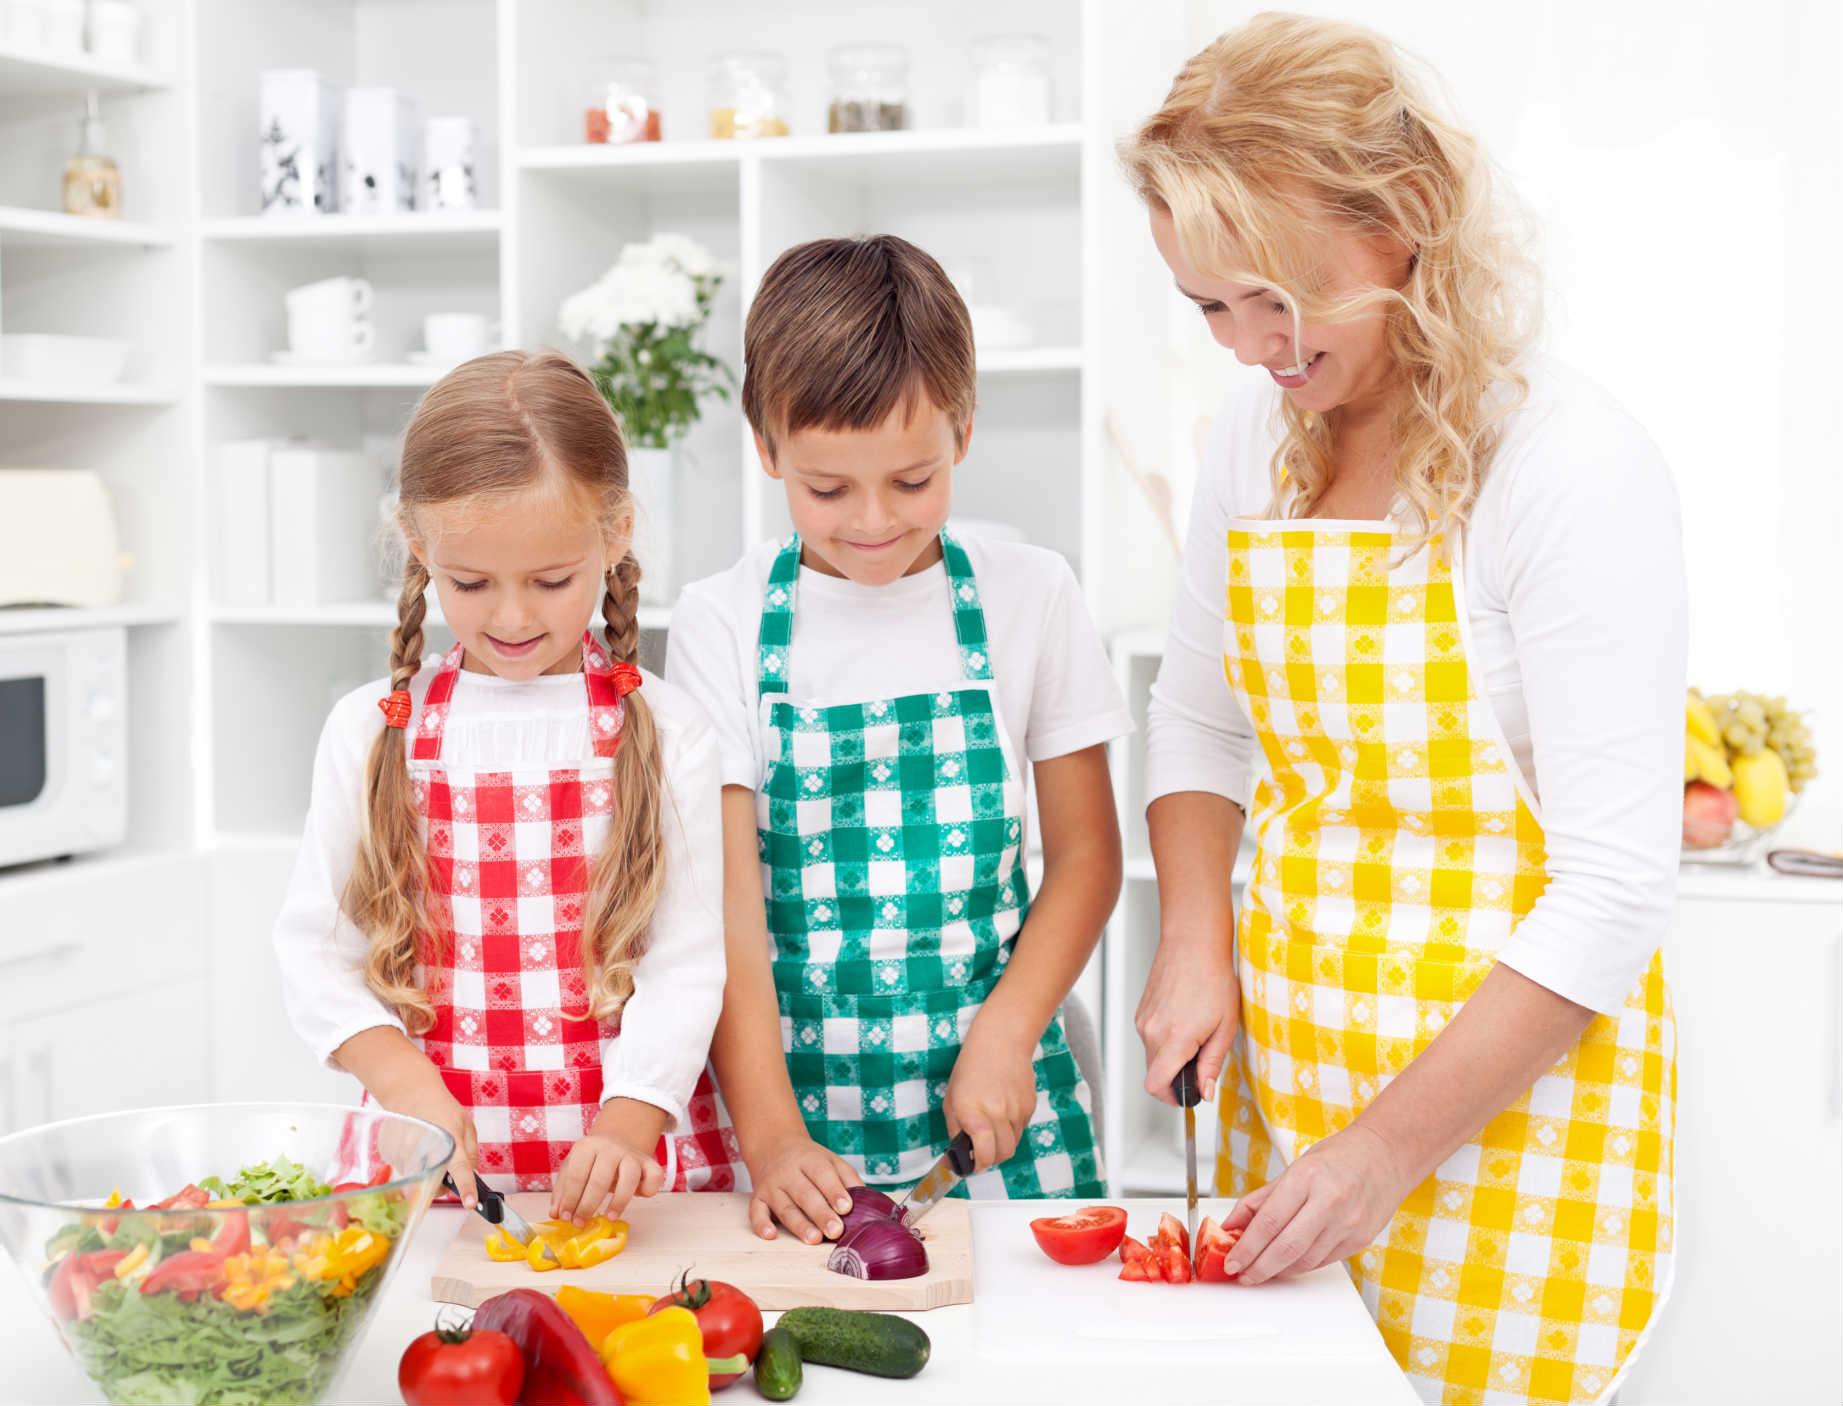 Blog cuisine : Tout ce que vous devez savoir si vous cherchez à réaliser un gâteau simple